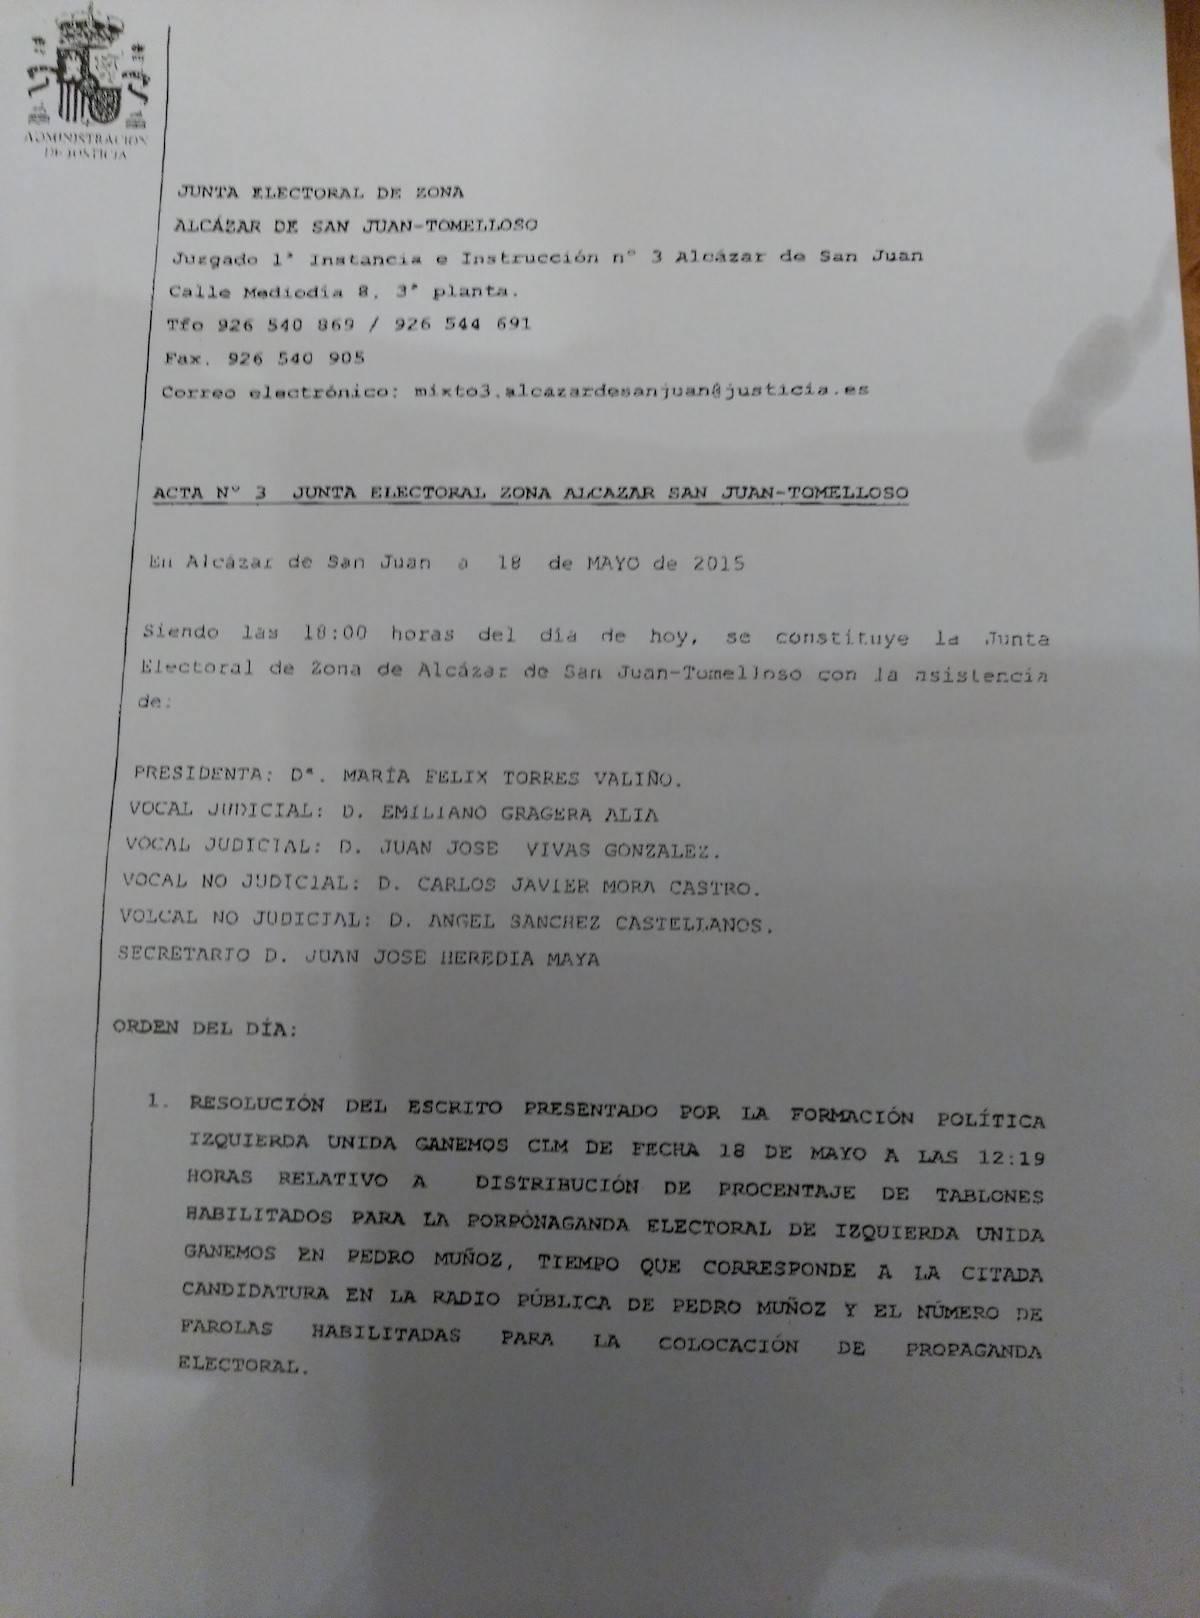 acta junta electoral pagina 1 - La Agrupación Electoral de Vecinos de Herencia no gana ninguna demanda contra el PP